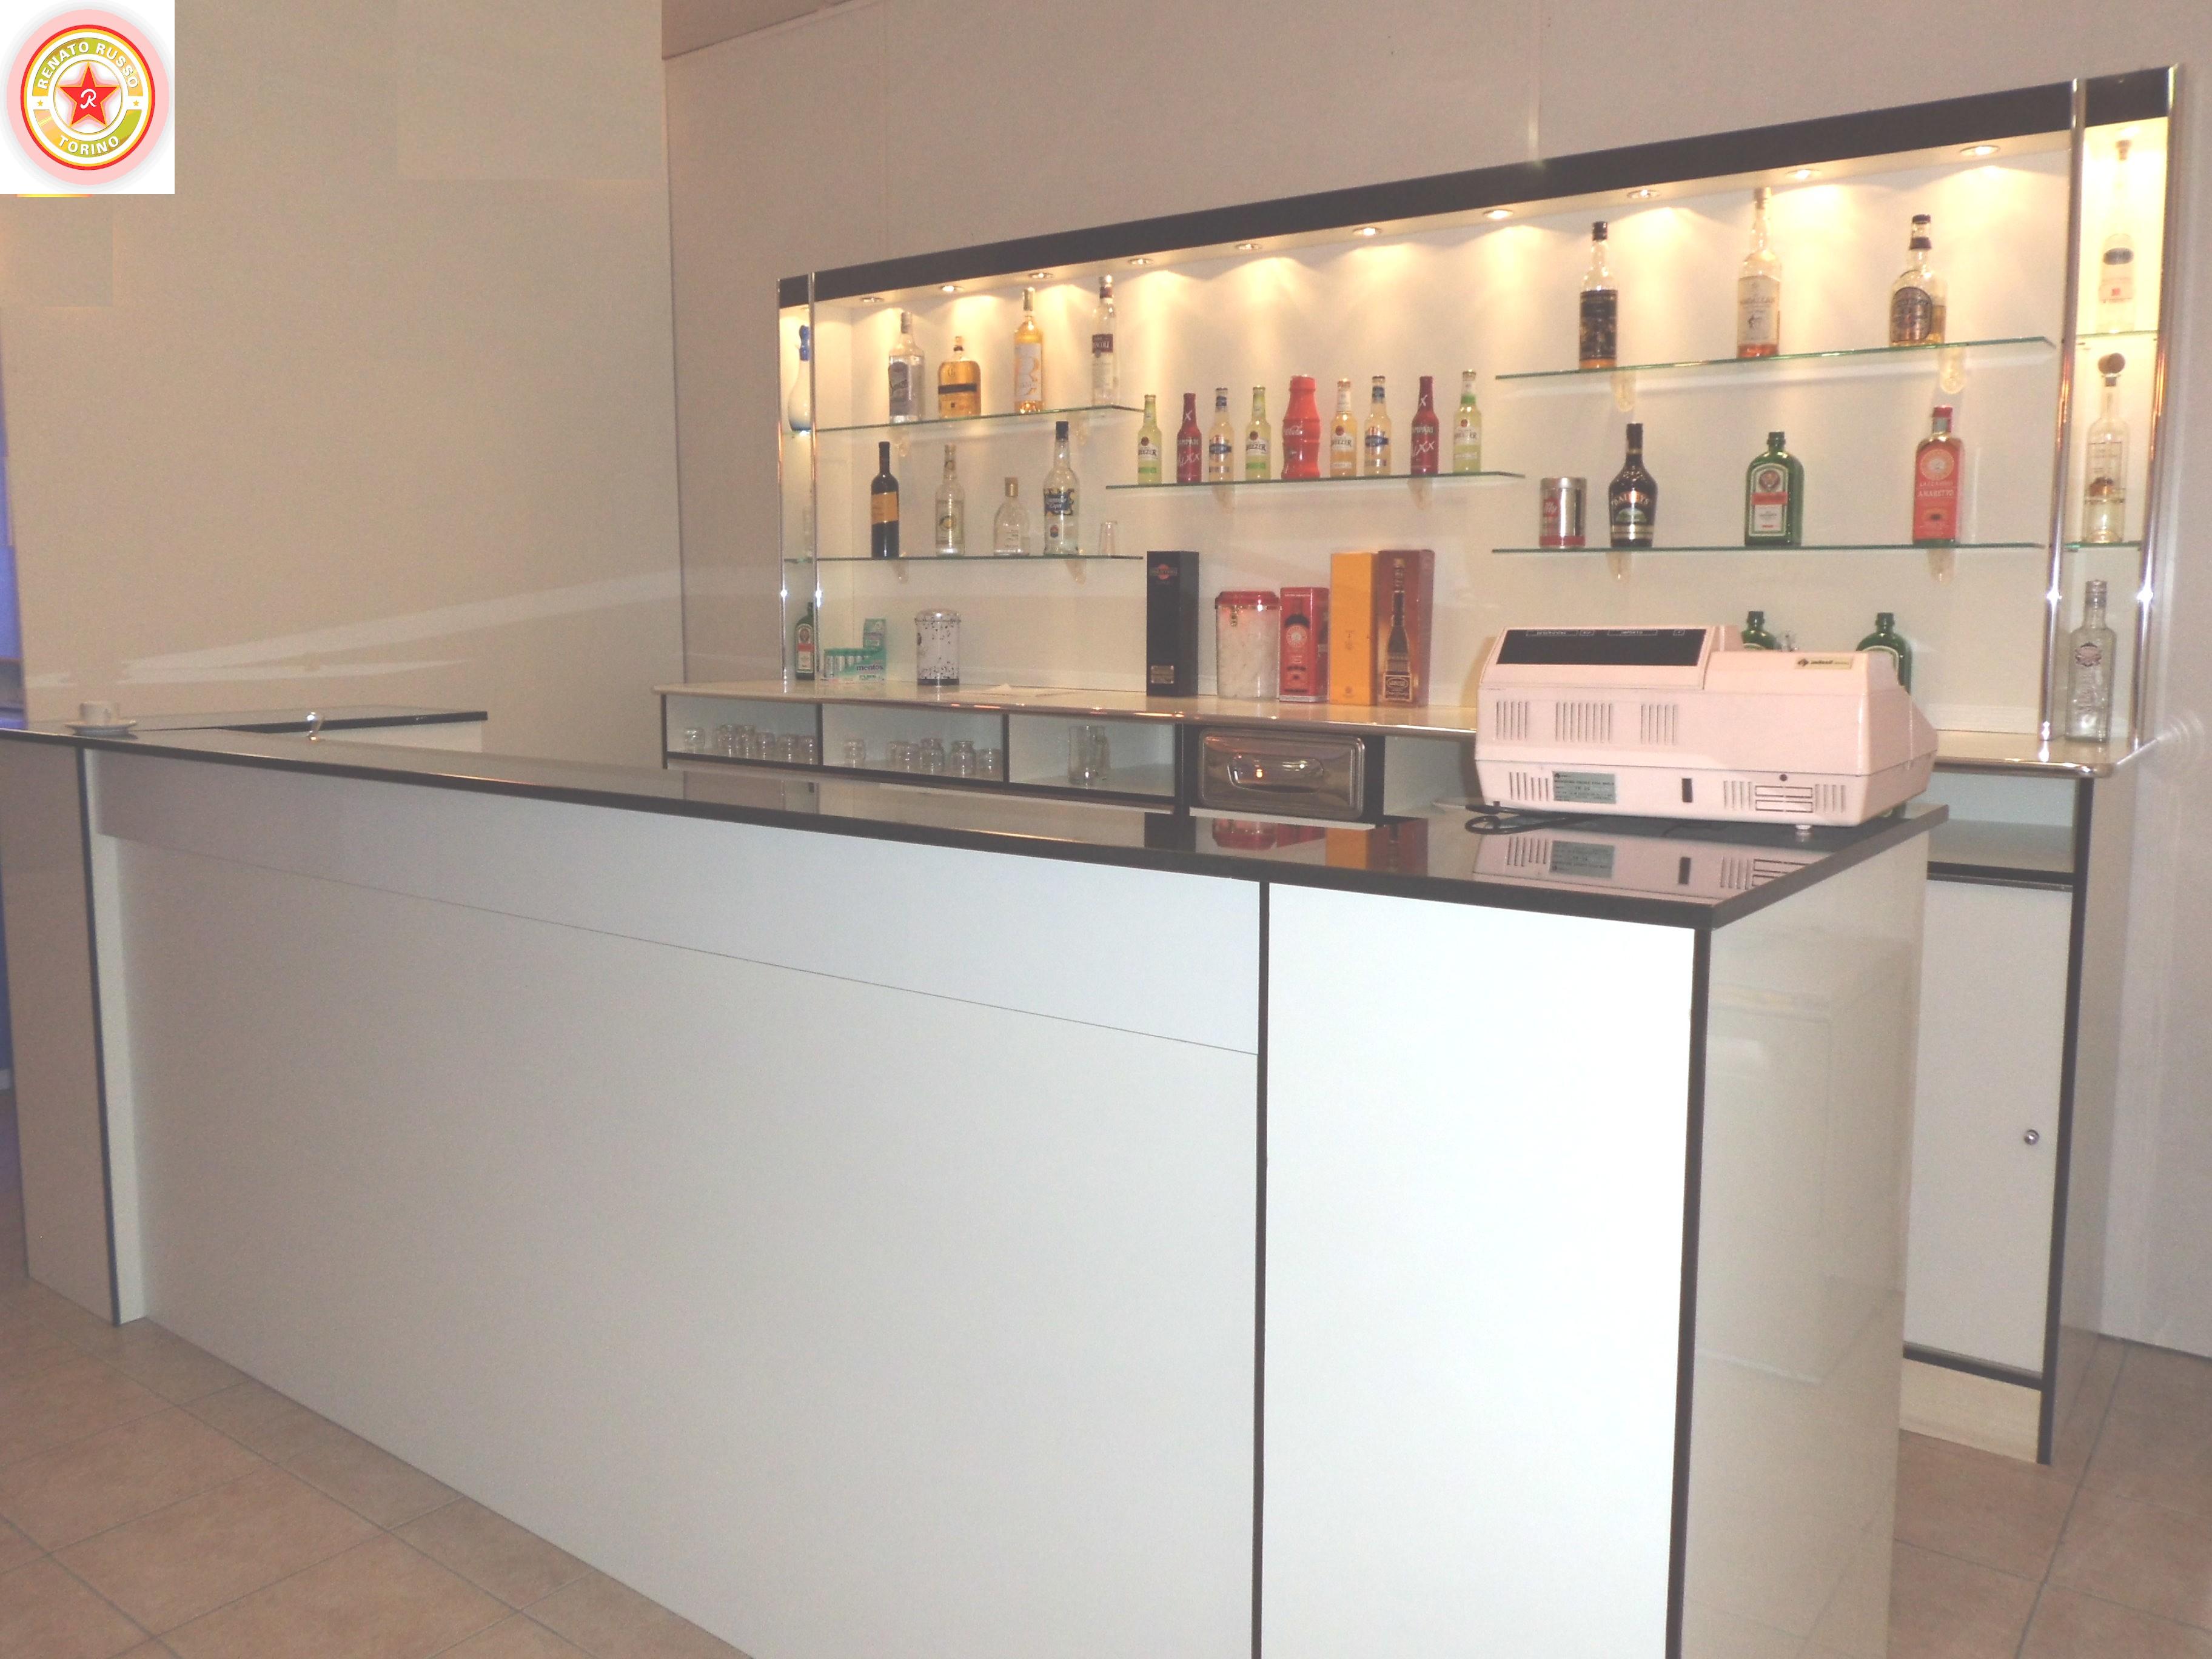 Banconi Bar Milano, COMPRA in FABBRICA, Banchi Bar Provincia di Milano, Arredamenti Bar Milano ...